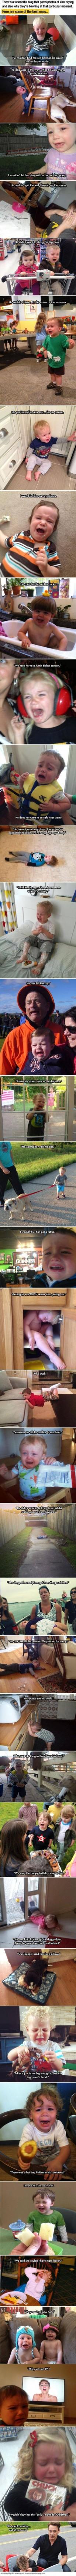 reasons-kids-cry.jpg (1023 KB)